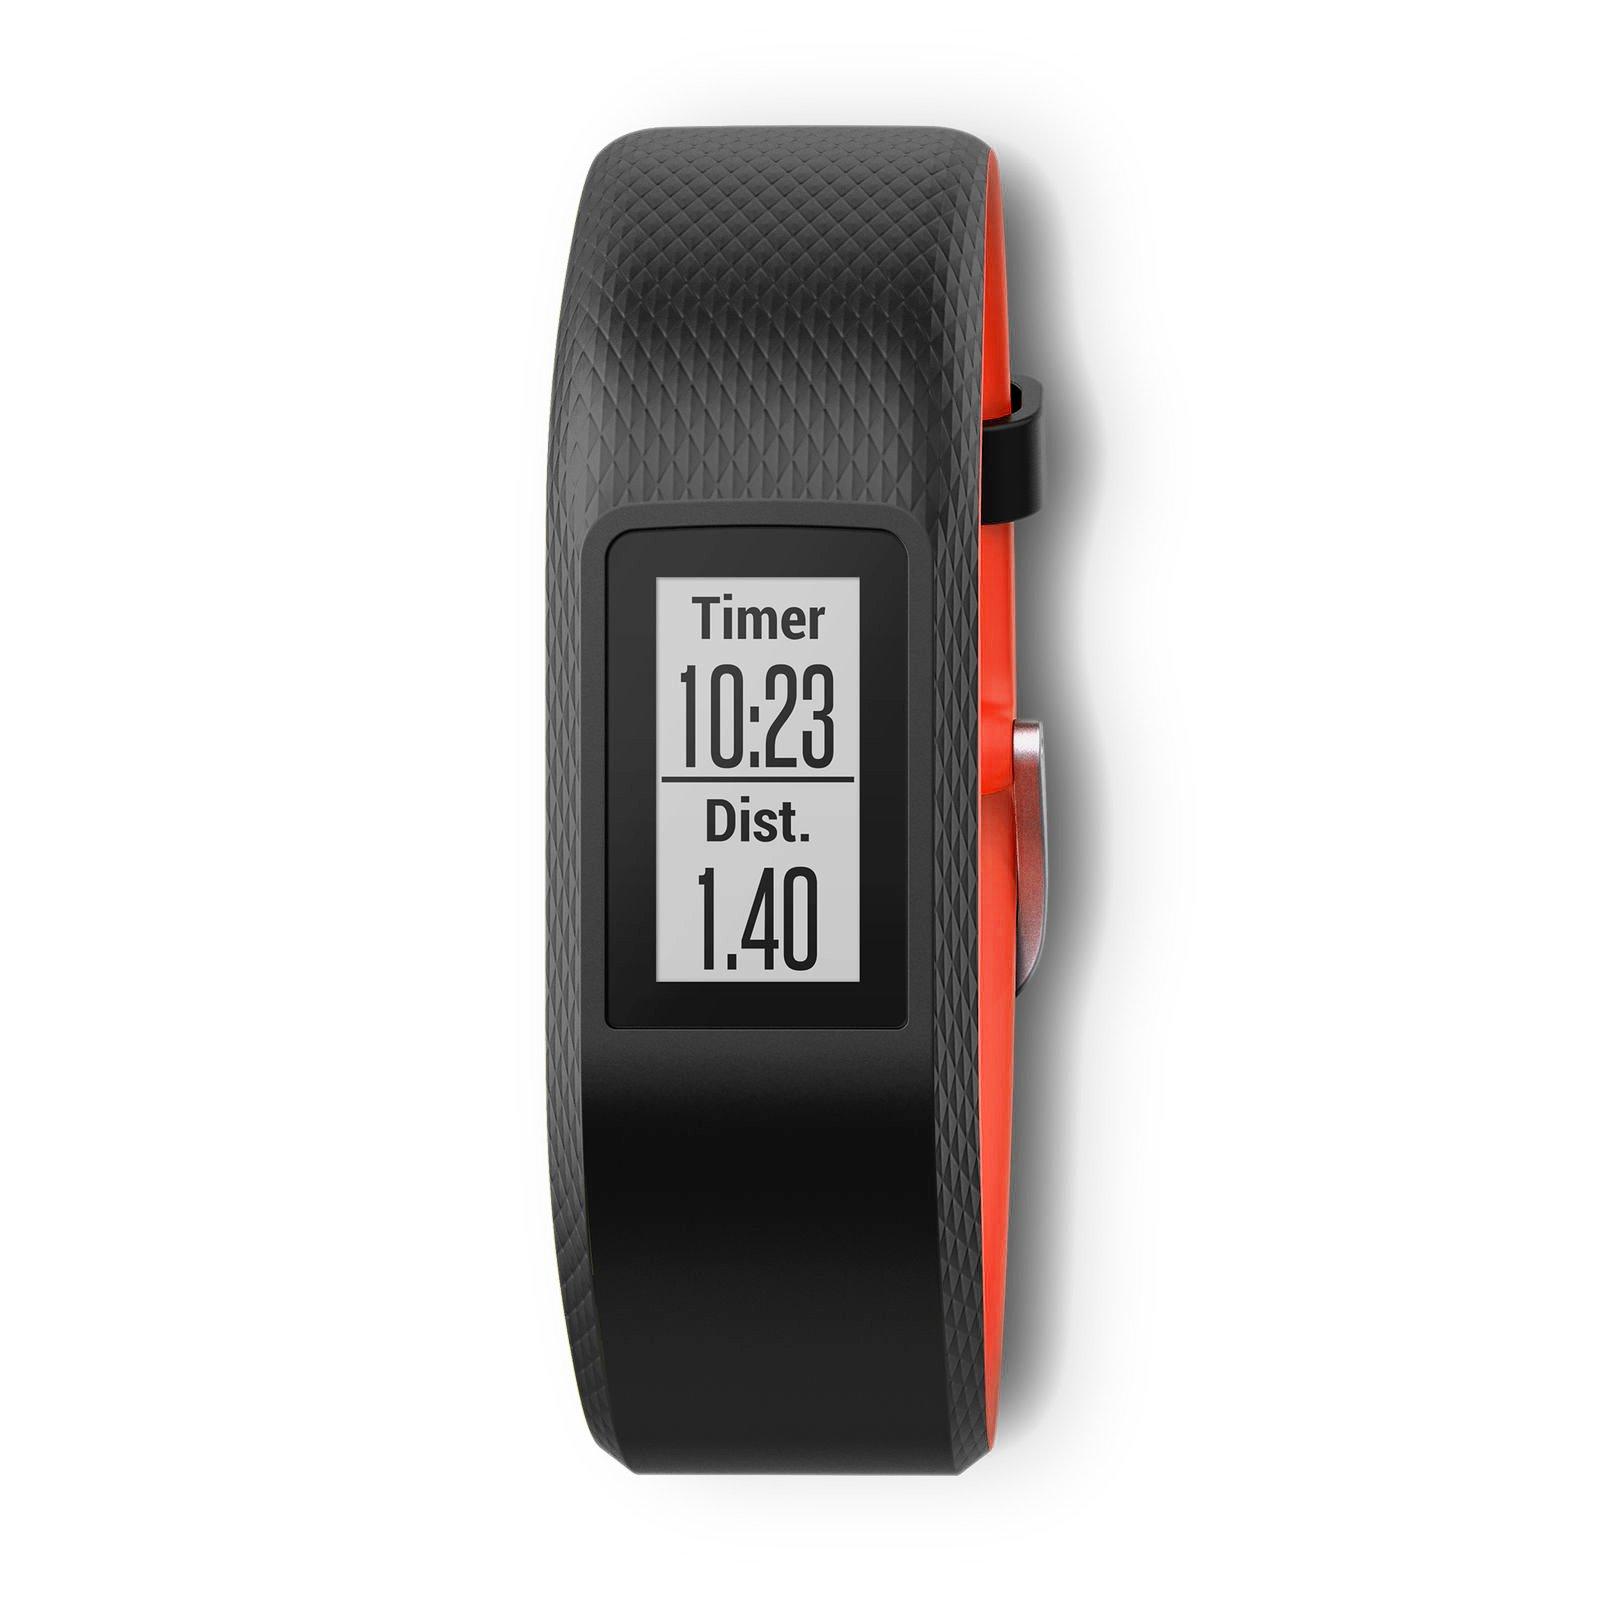 Vòng đeo tay thông minh Garmin Vivosport có GPS